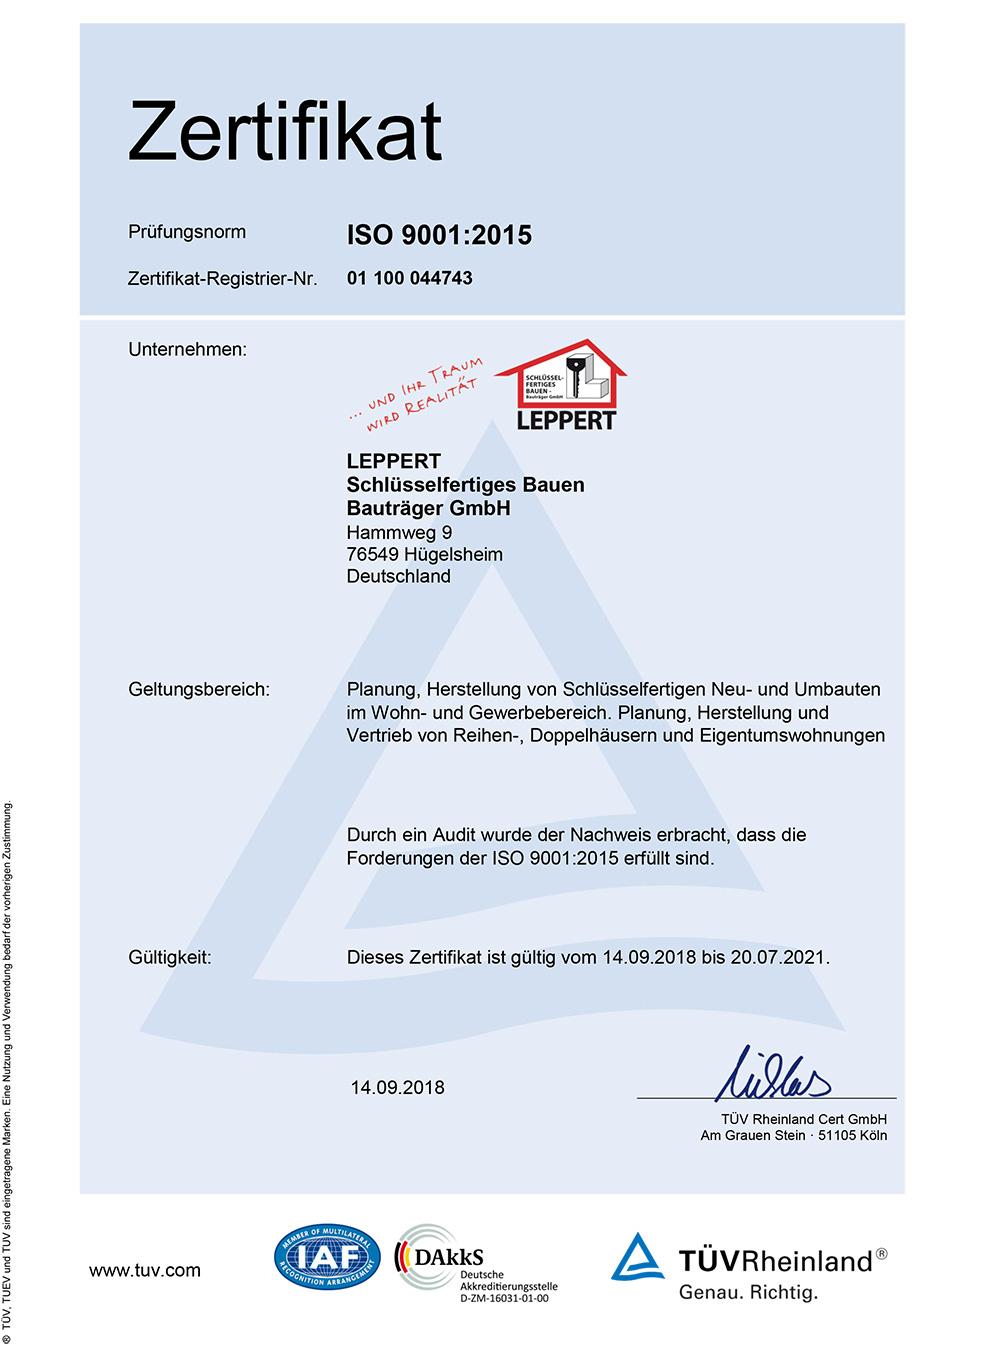 Zertifikat SF-Leppert